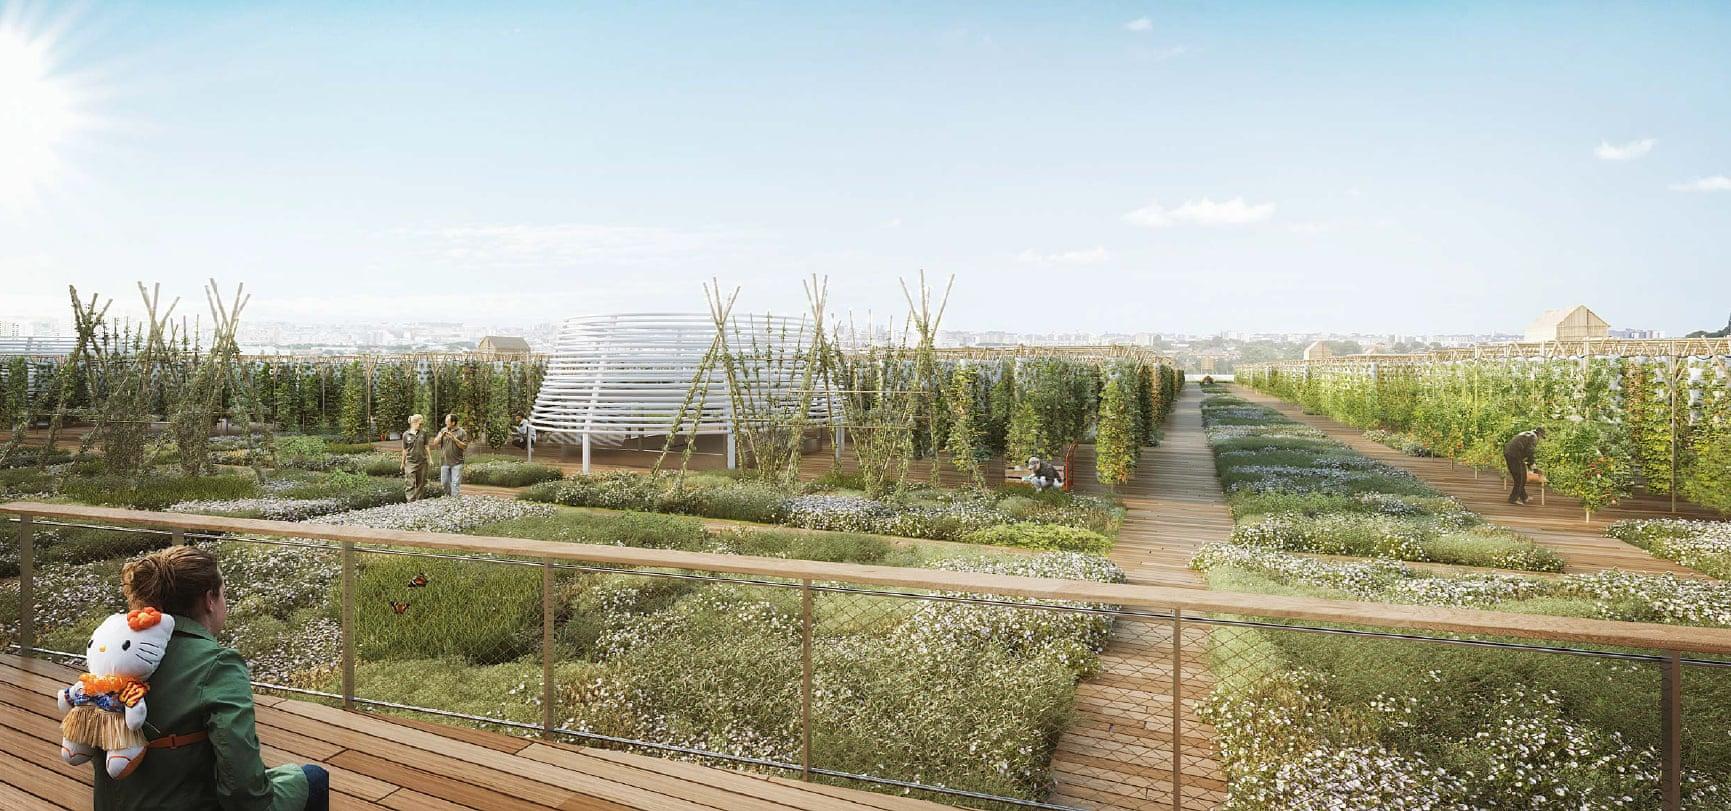 Haverá uma área comunitária de cultivo